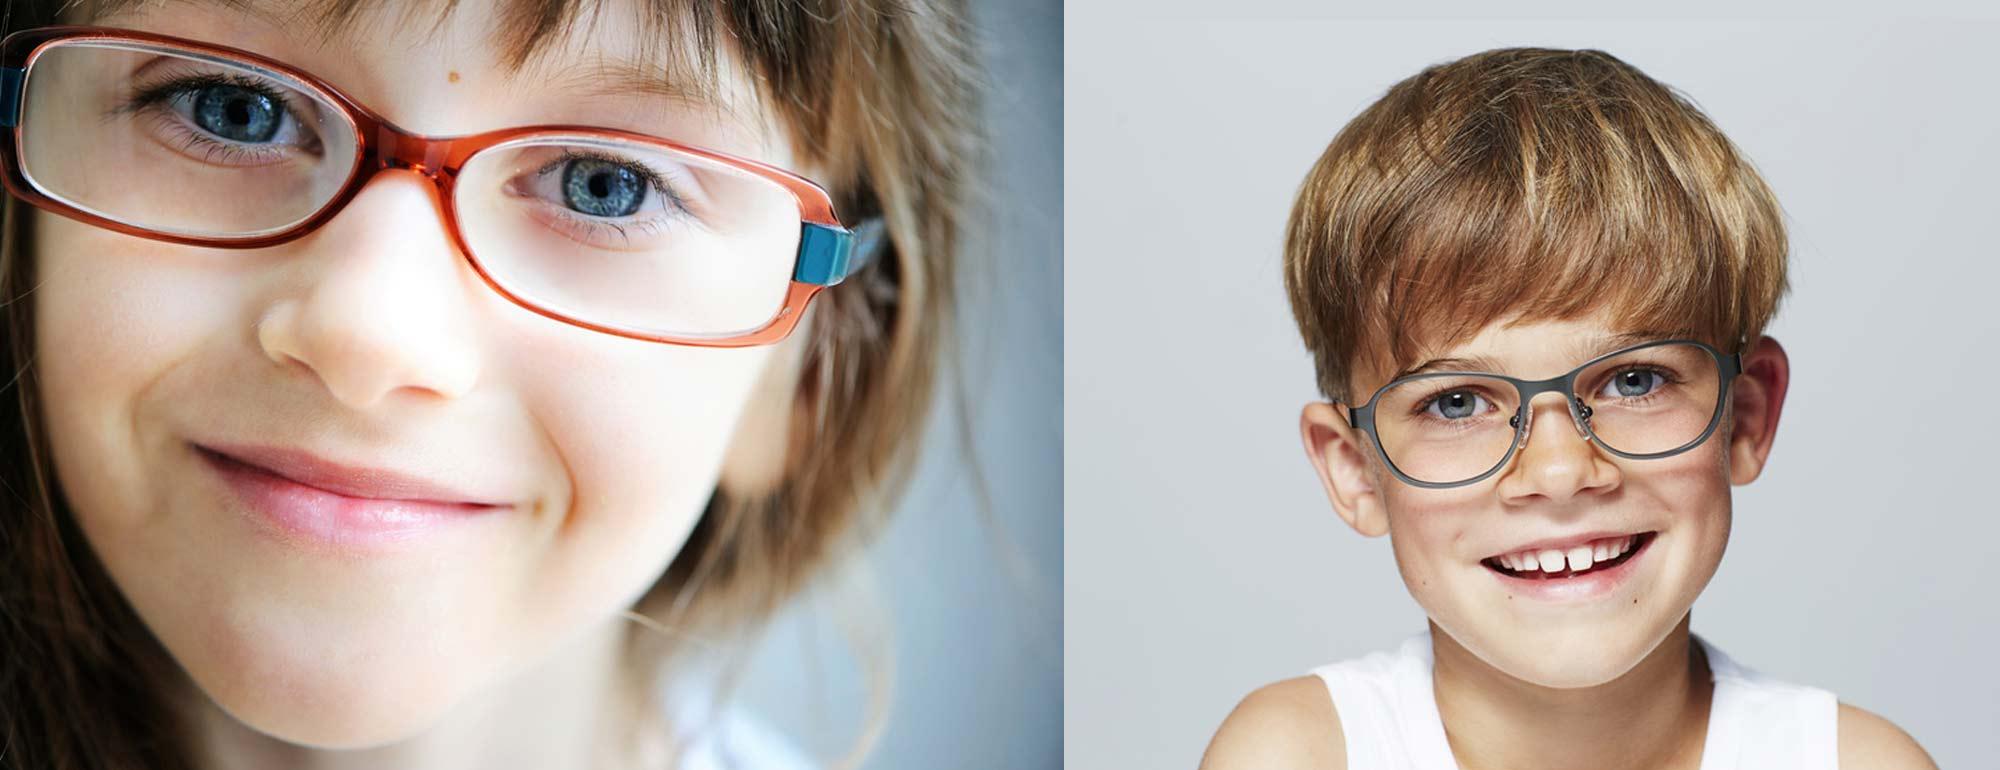 Les lunettes pour enfants et adolescents